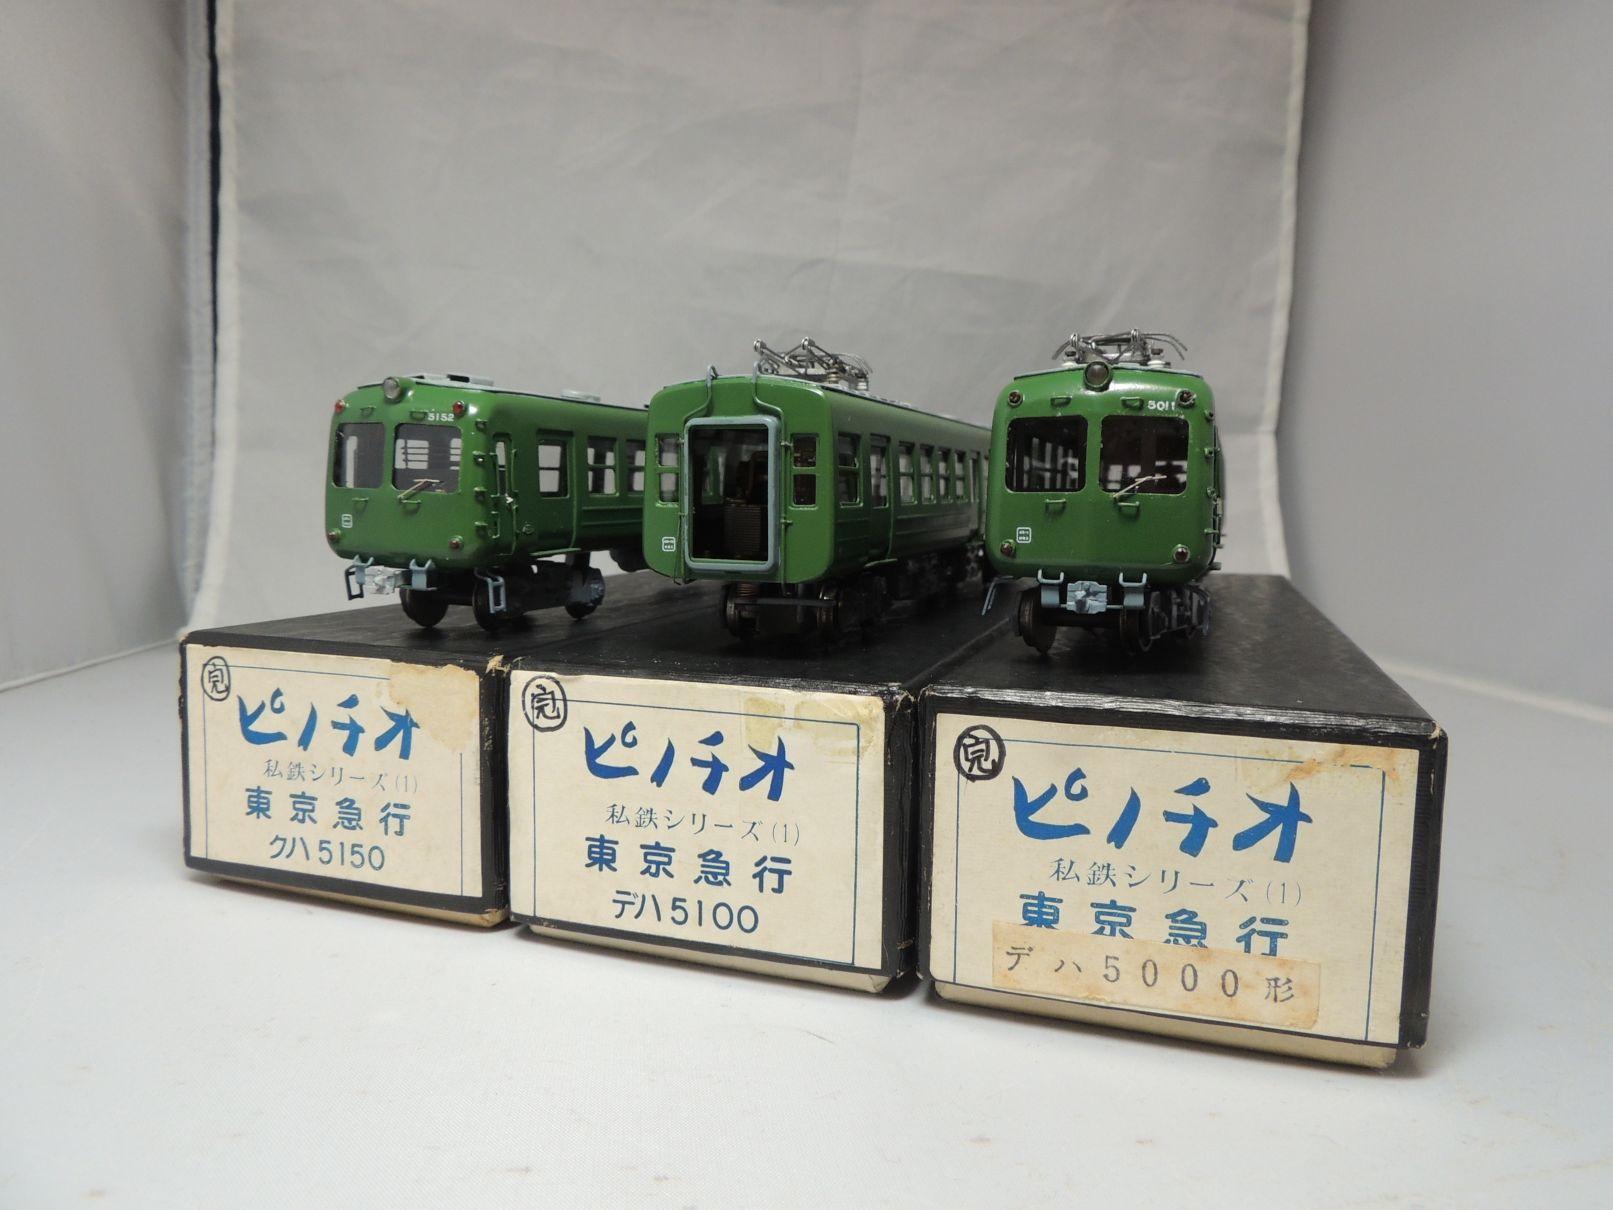 DSCN6546_s.jpg